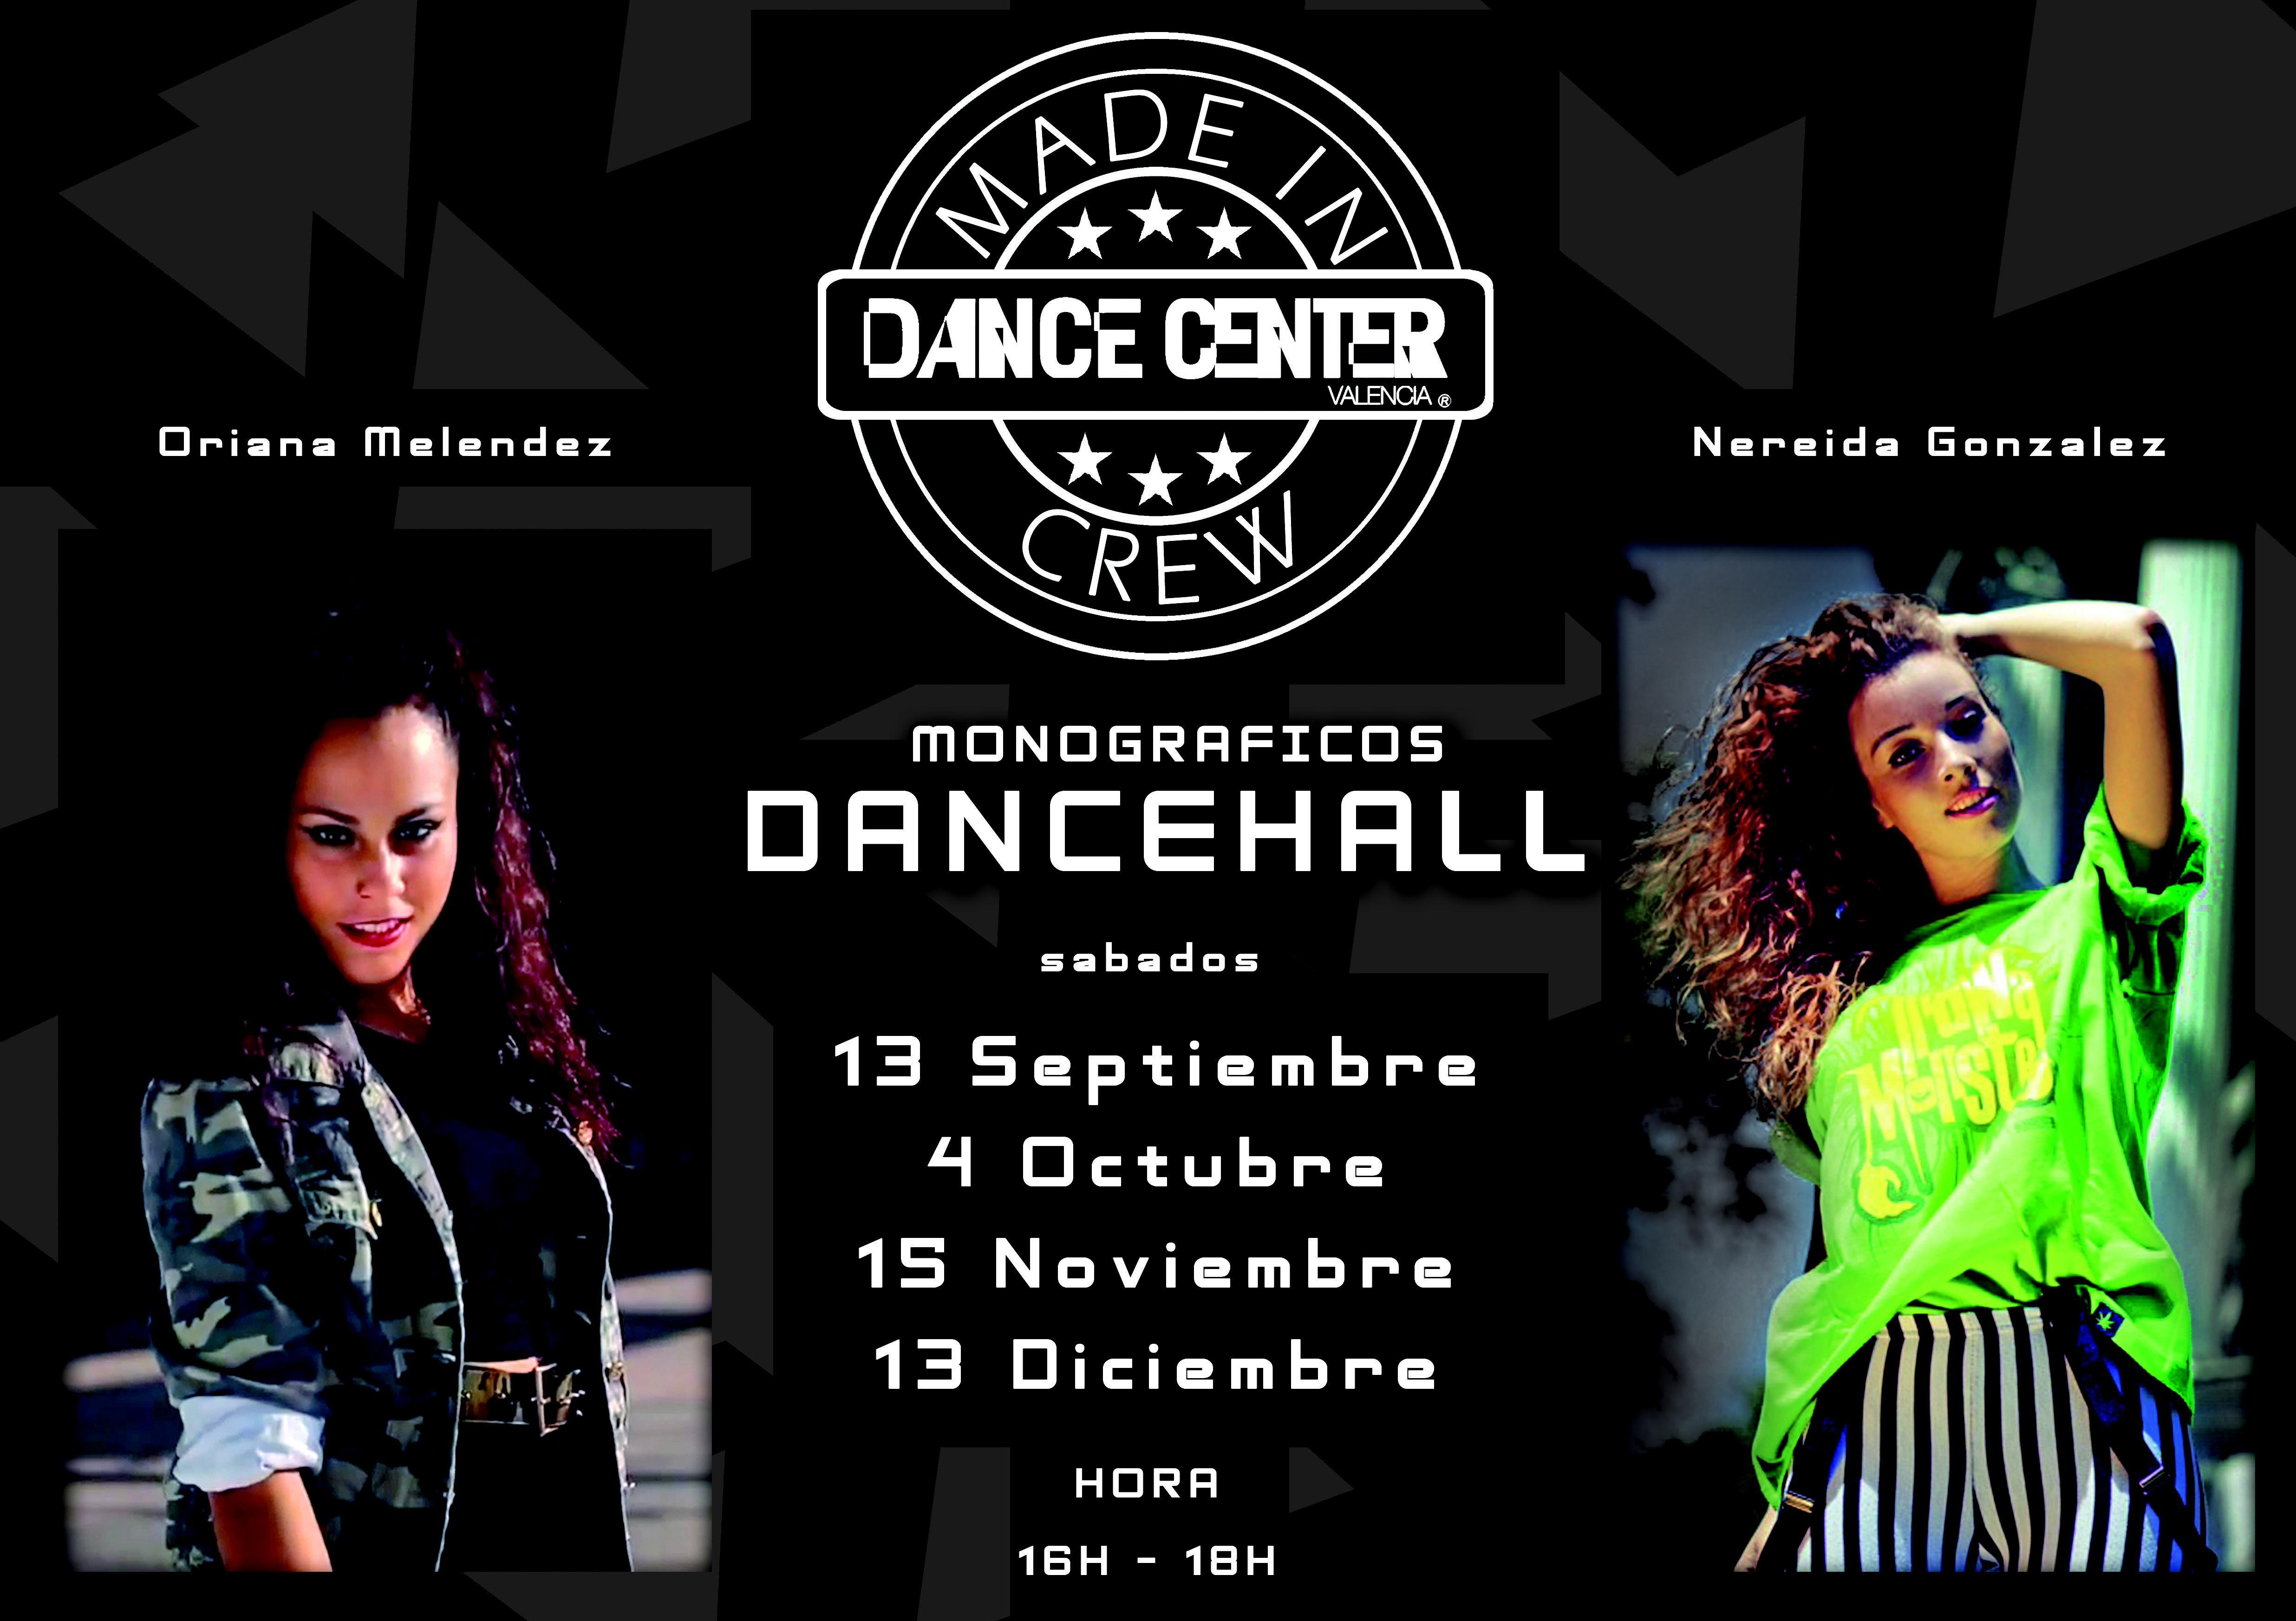 CLASES DANCEHALL EN DANCE CENTER VALENCIA